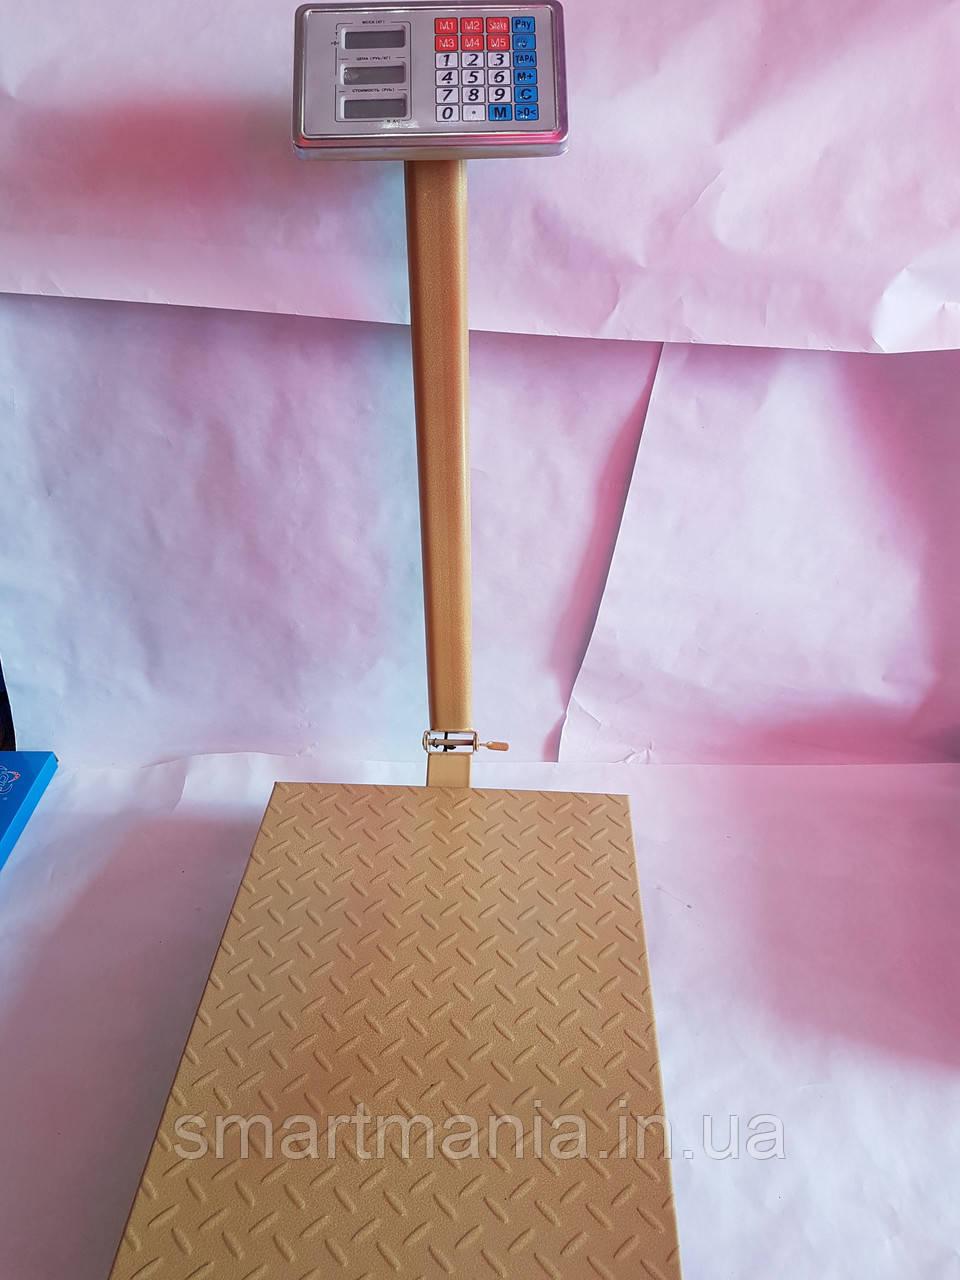 Торговые электронные весы с усиленной платформой до 600 кг со стойкой (платф. 45х60 см)